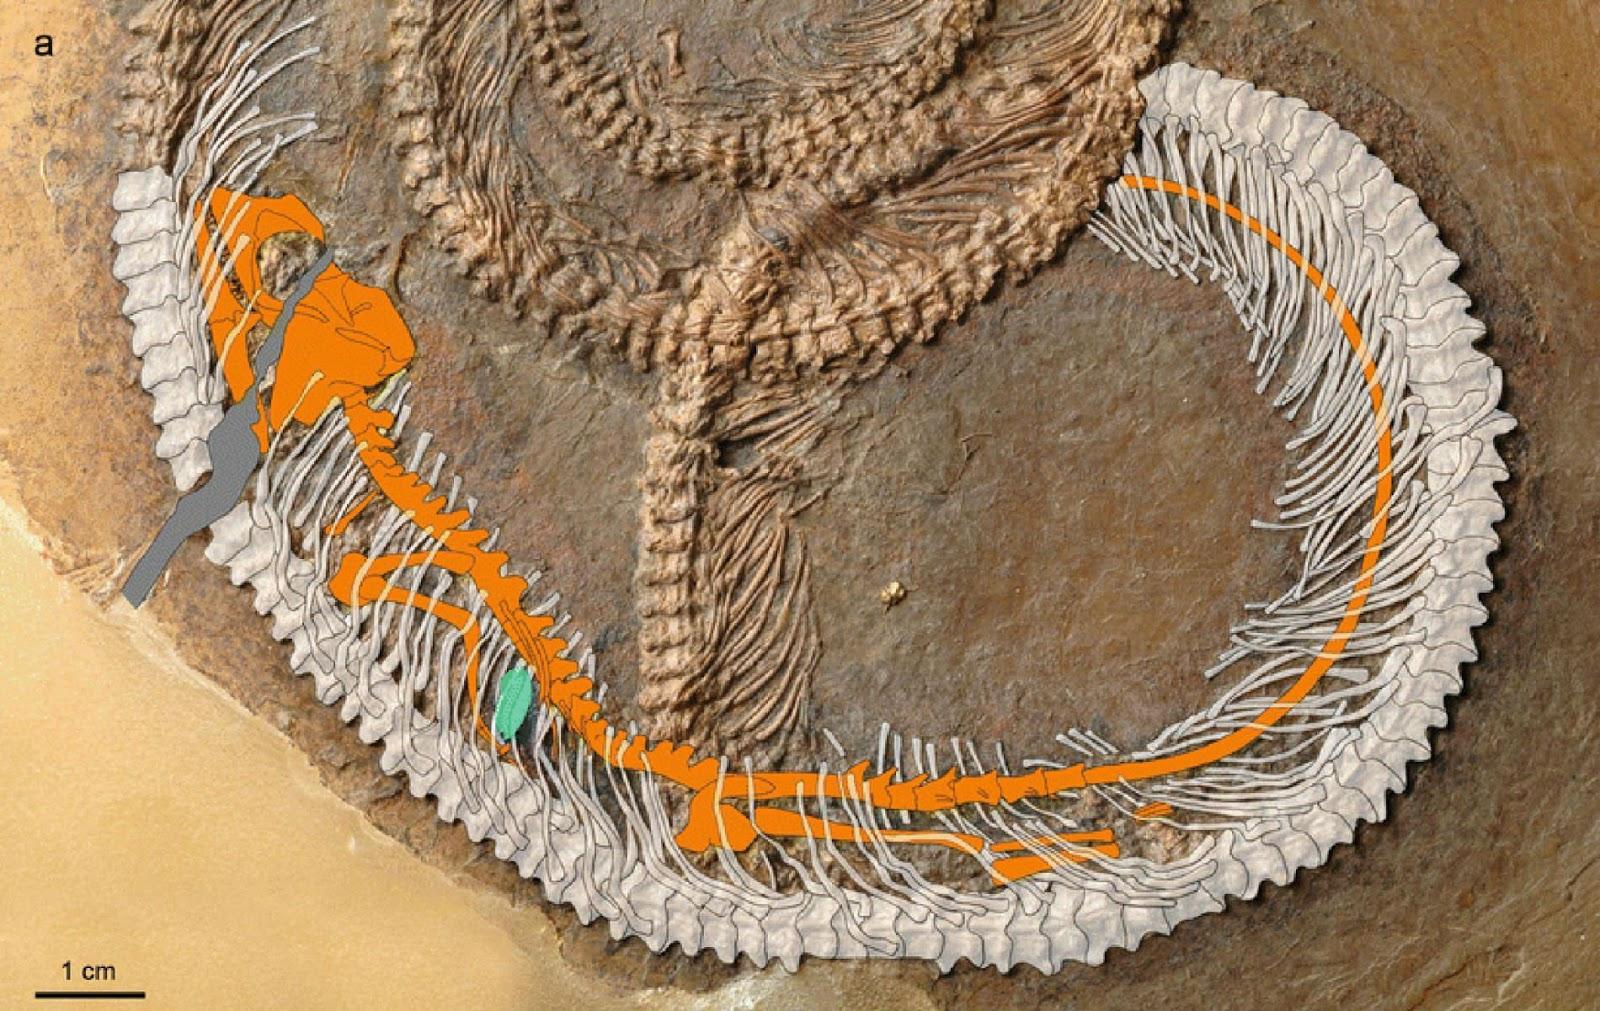 En esta imagen del fósil se resaltan los tres animales encontrados. Véase a la serpiente en color blanco, el lagarto en color anaranjado y al insecto en color verde.